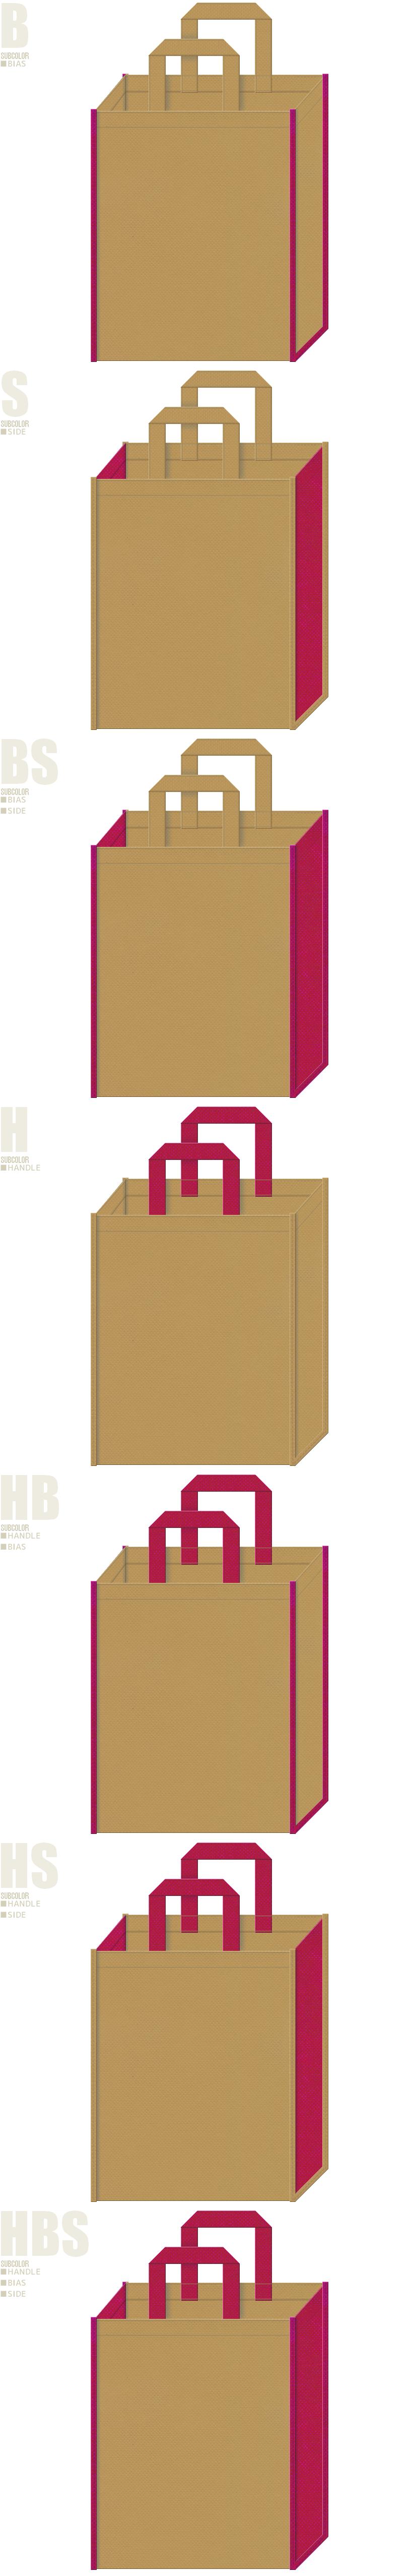 ハワイアン・南国・トロピカル・リゾート・トラベルバッグにお奨めの不織布バッグデザイン:マスタード色と濃いピンク色の配色7パターン